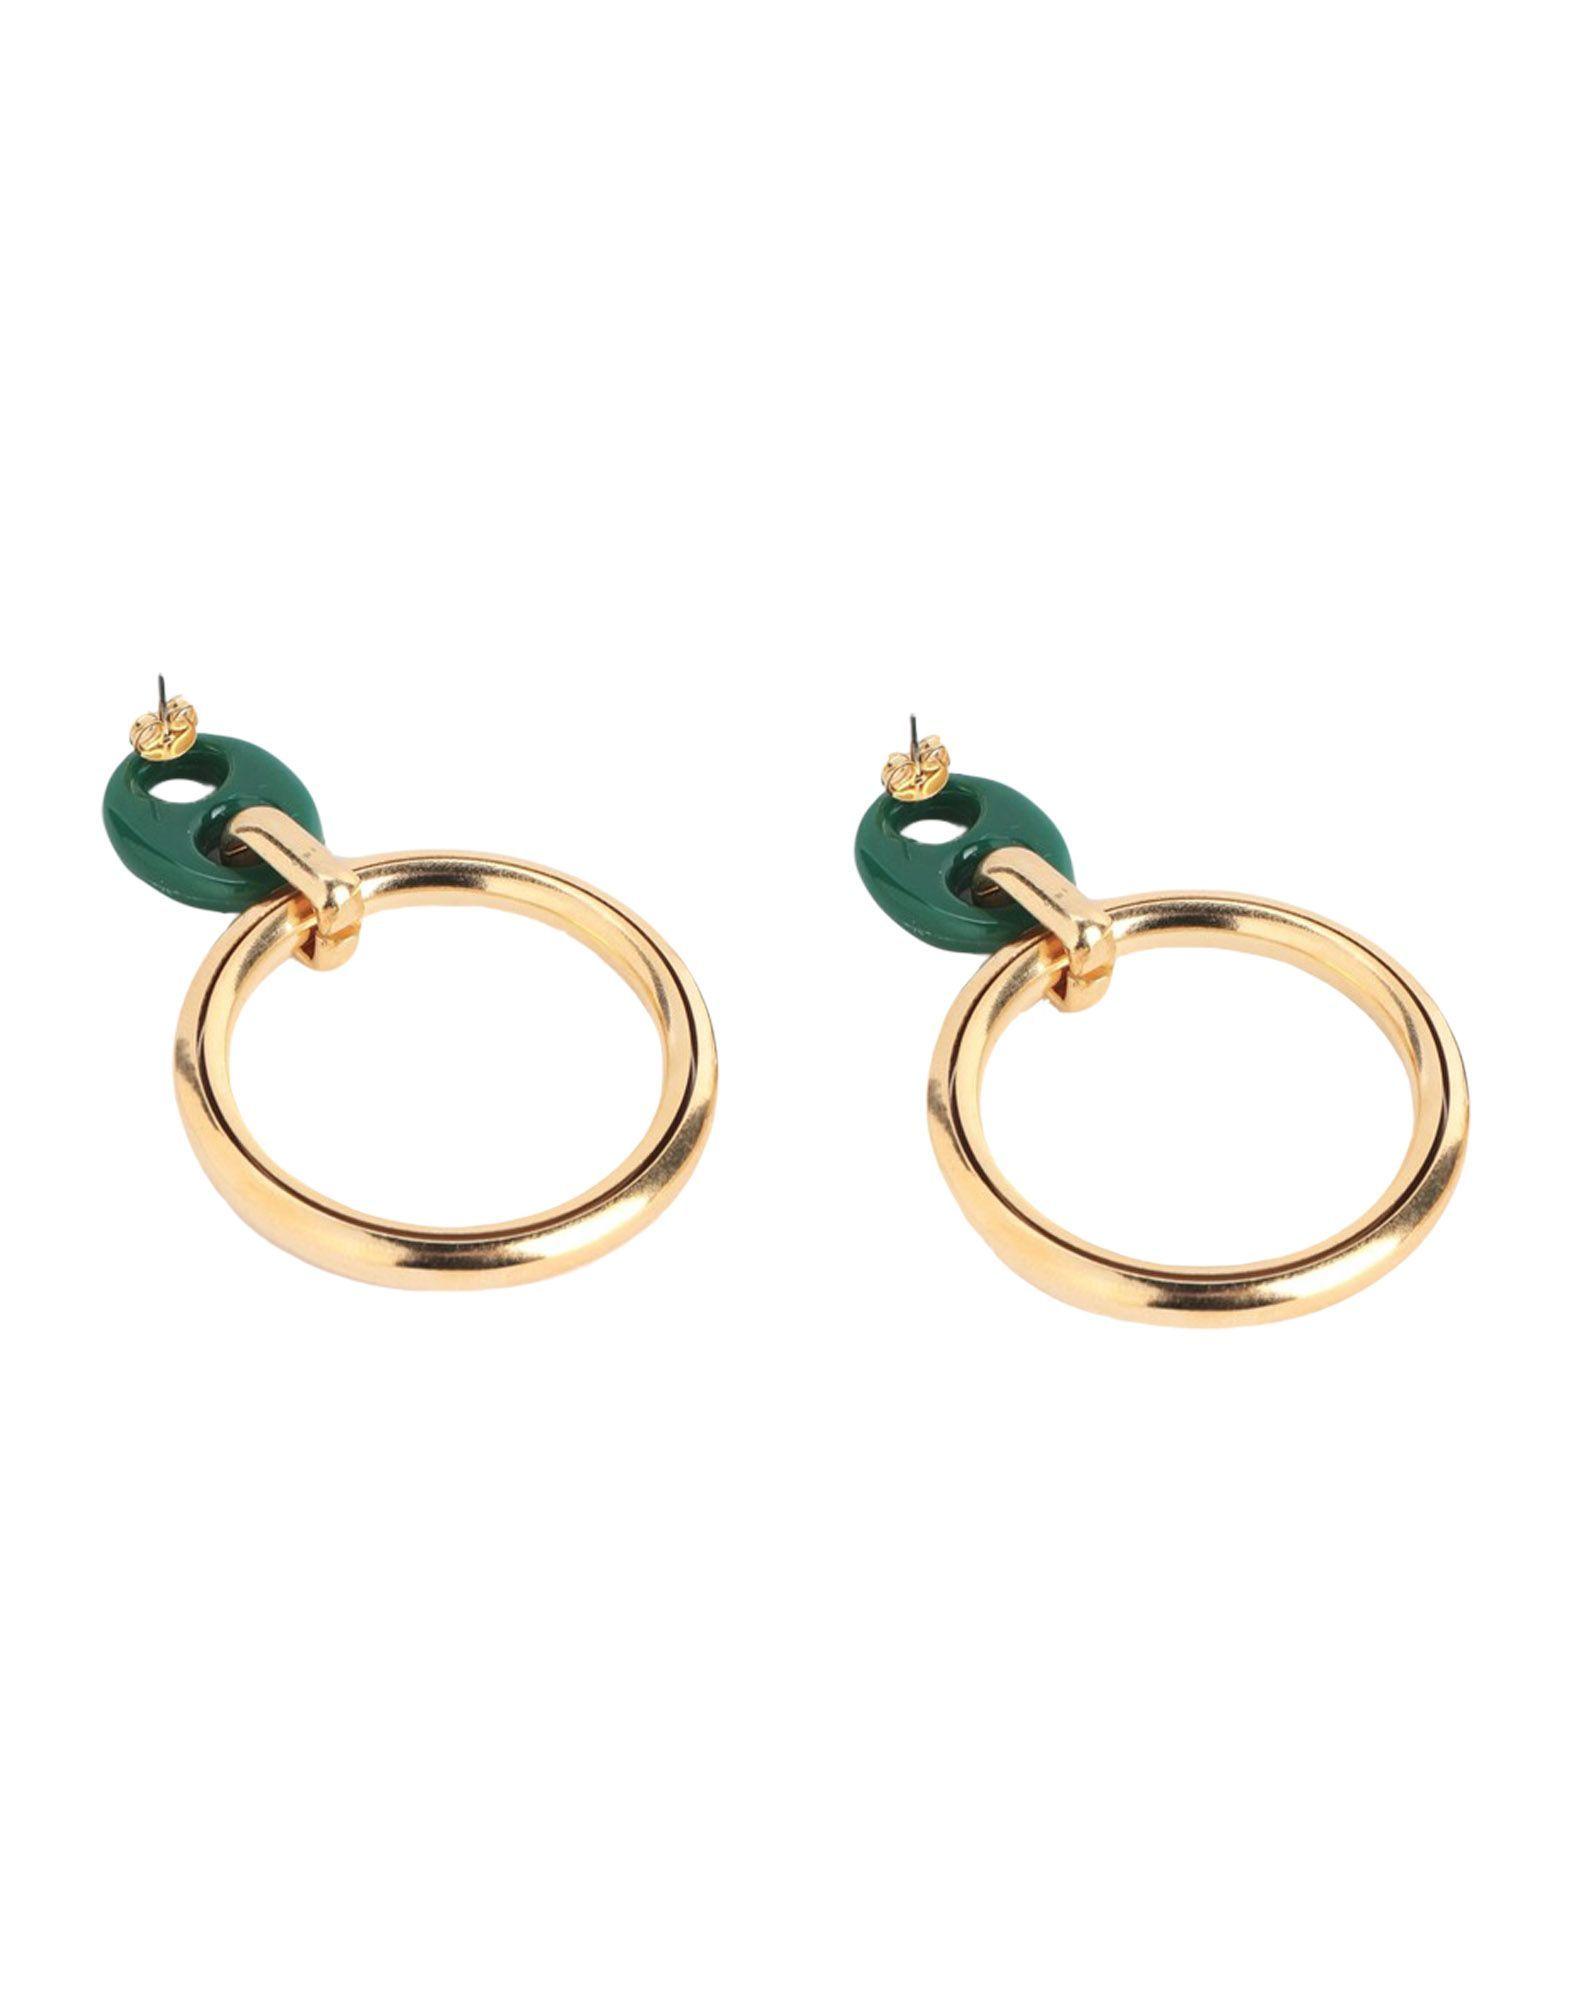 Gogo Philip Gold Plated Resin Earrings